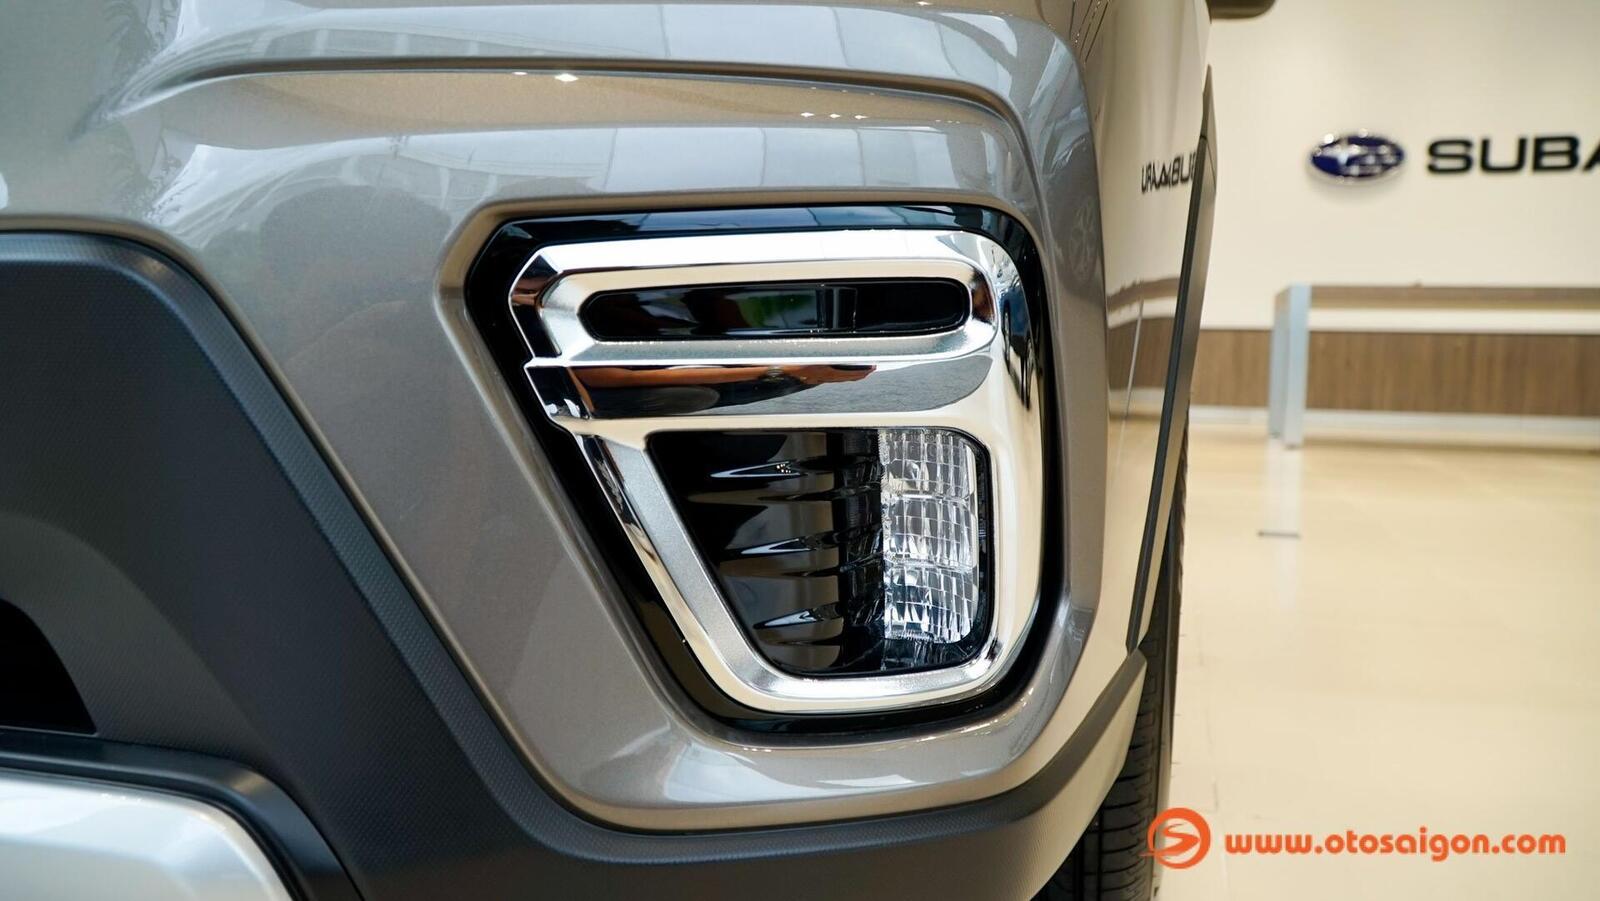 Đánh giá nhanh Subaru Forester thế hệ mới và sự khác biệt giữa hai phiên bản - Hình 8